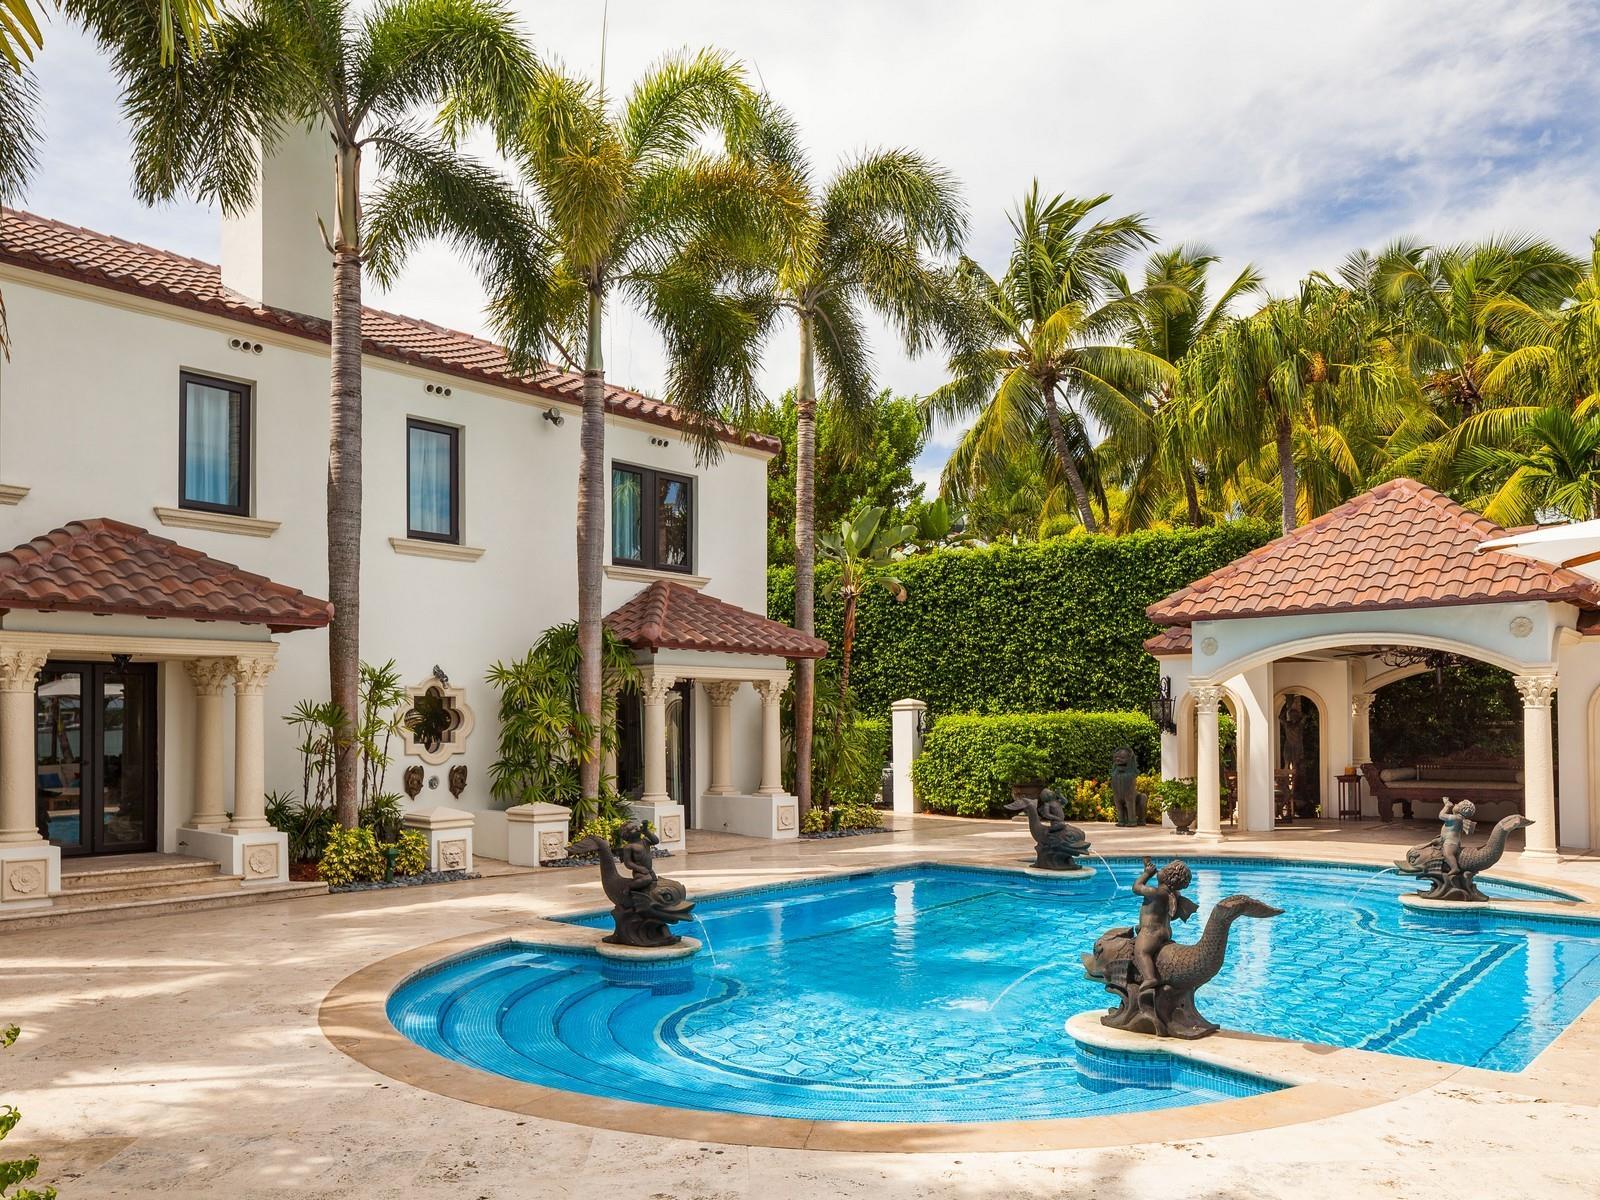 Real estate bulldog oscar arellano 39 s coral gables for Star island miami houses